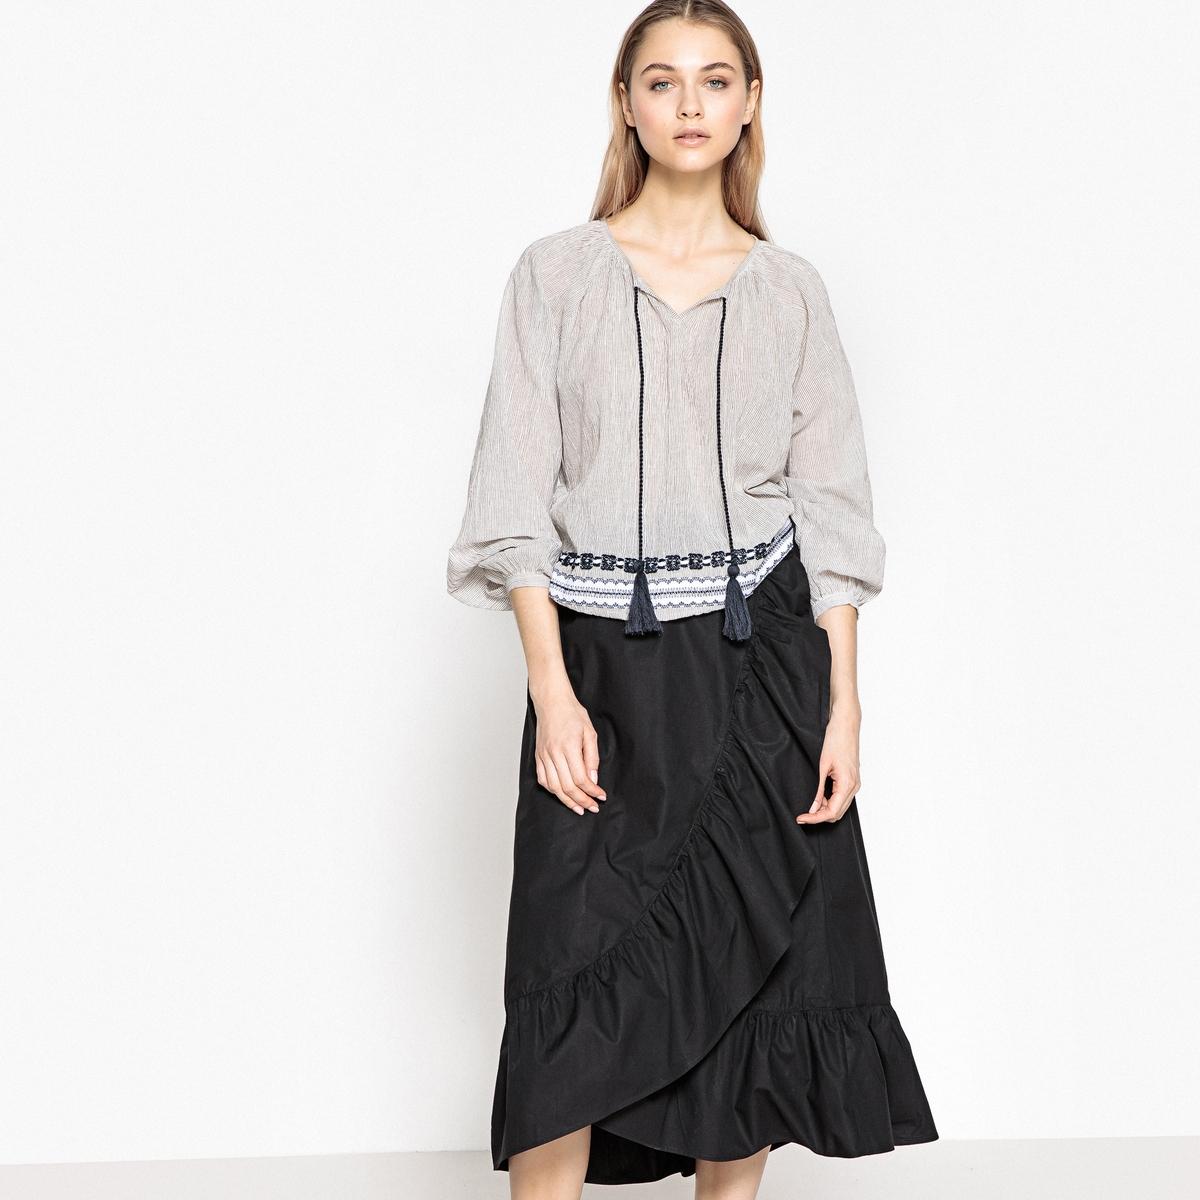 Falda cruzada con volante, 100% algodón